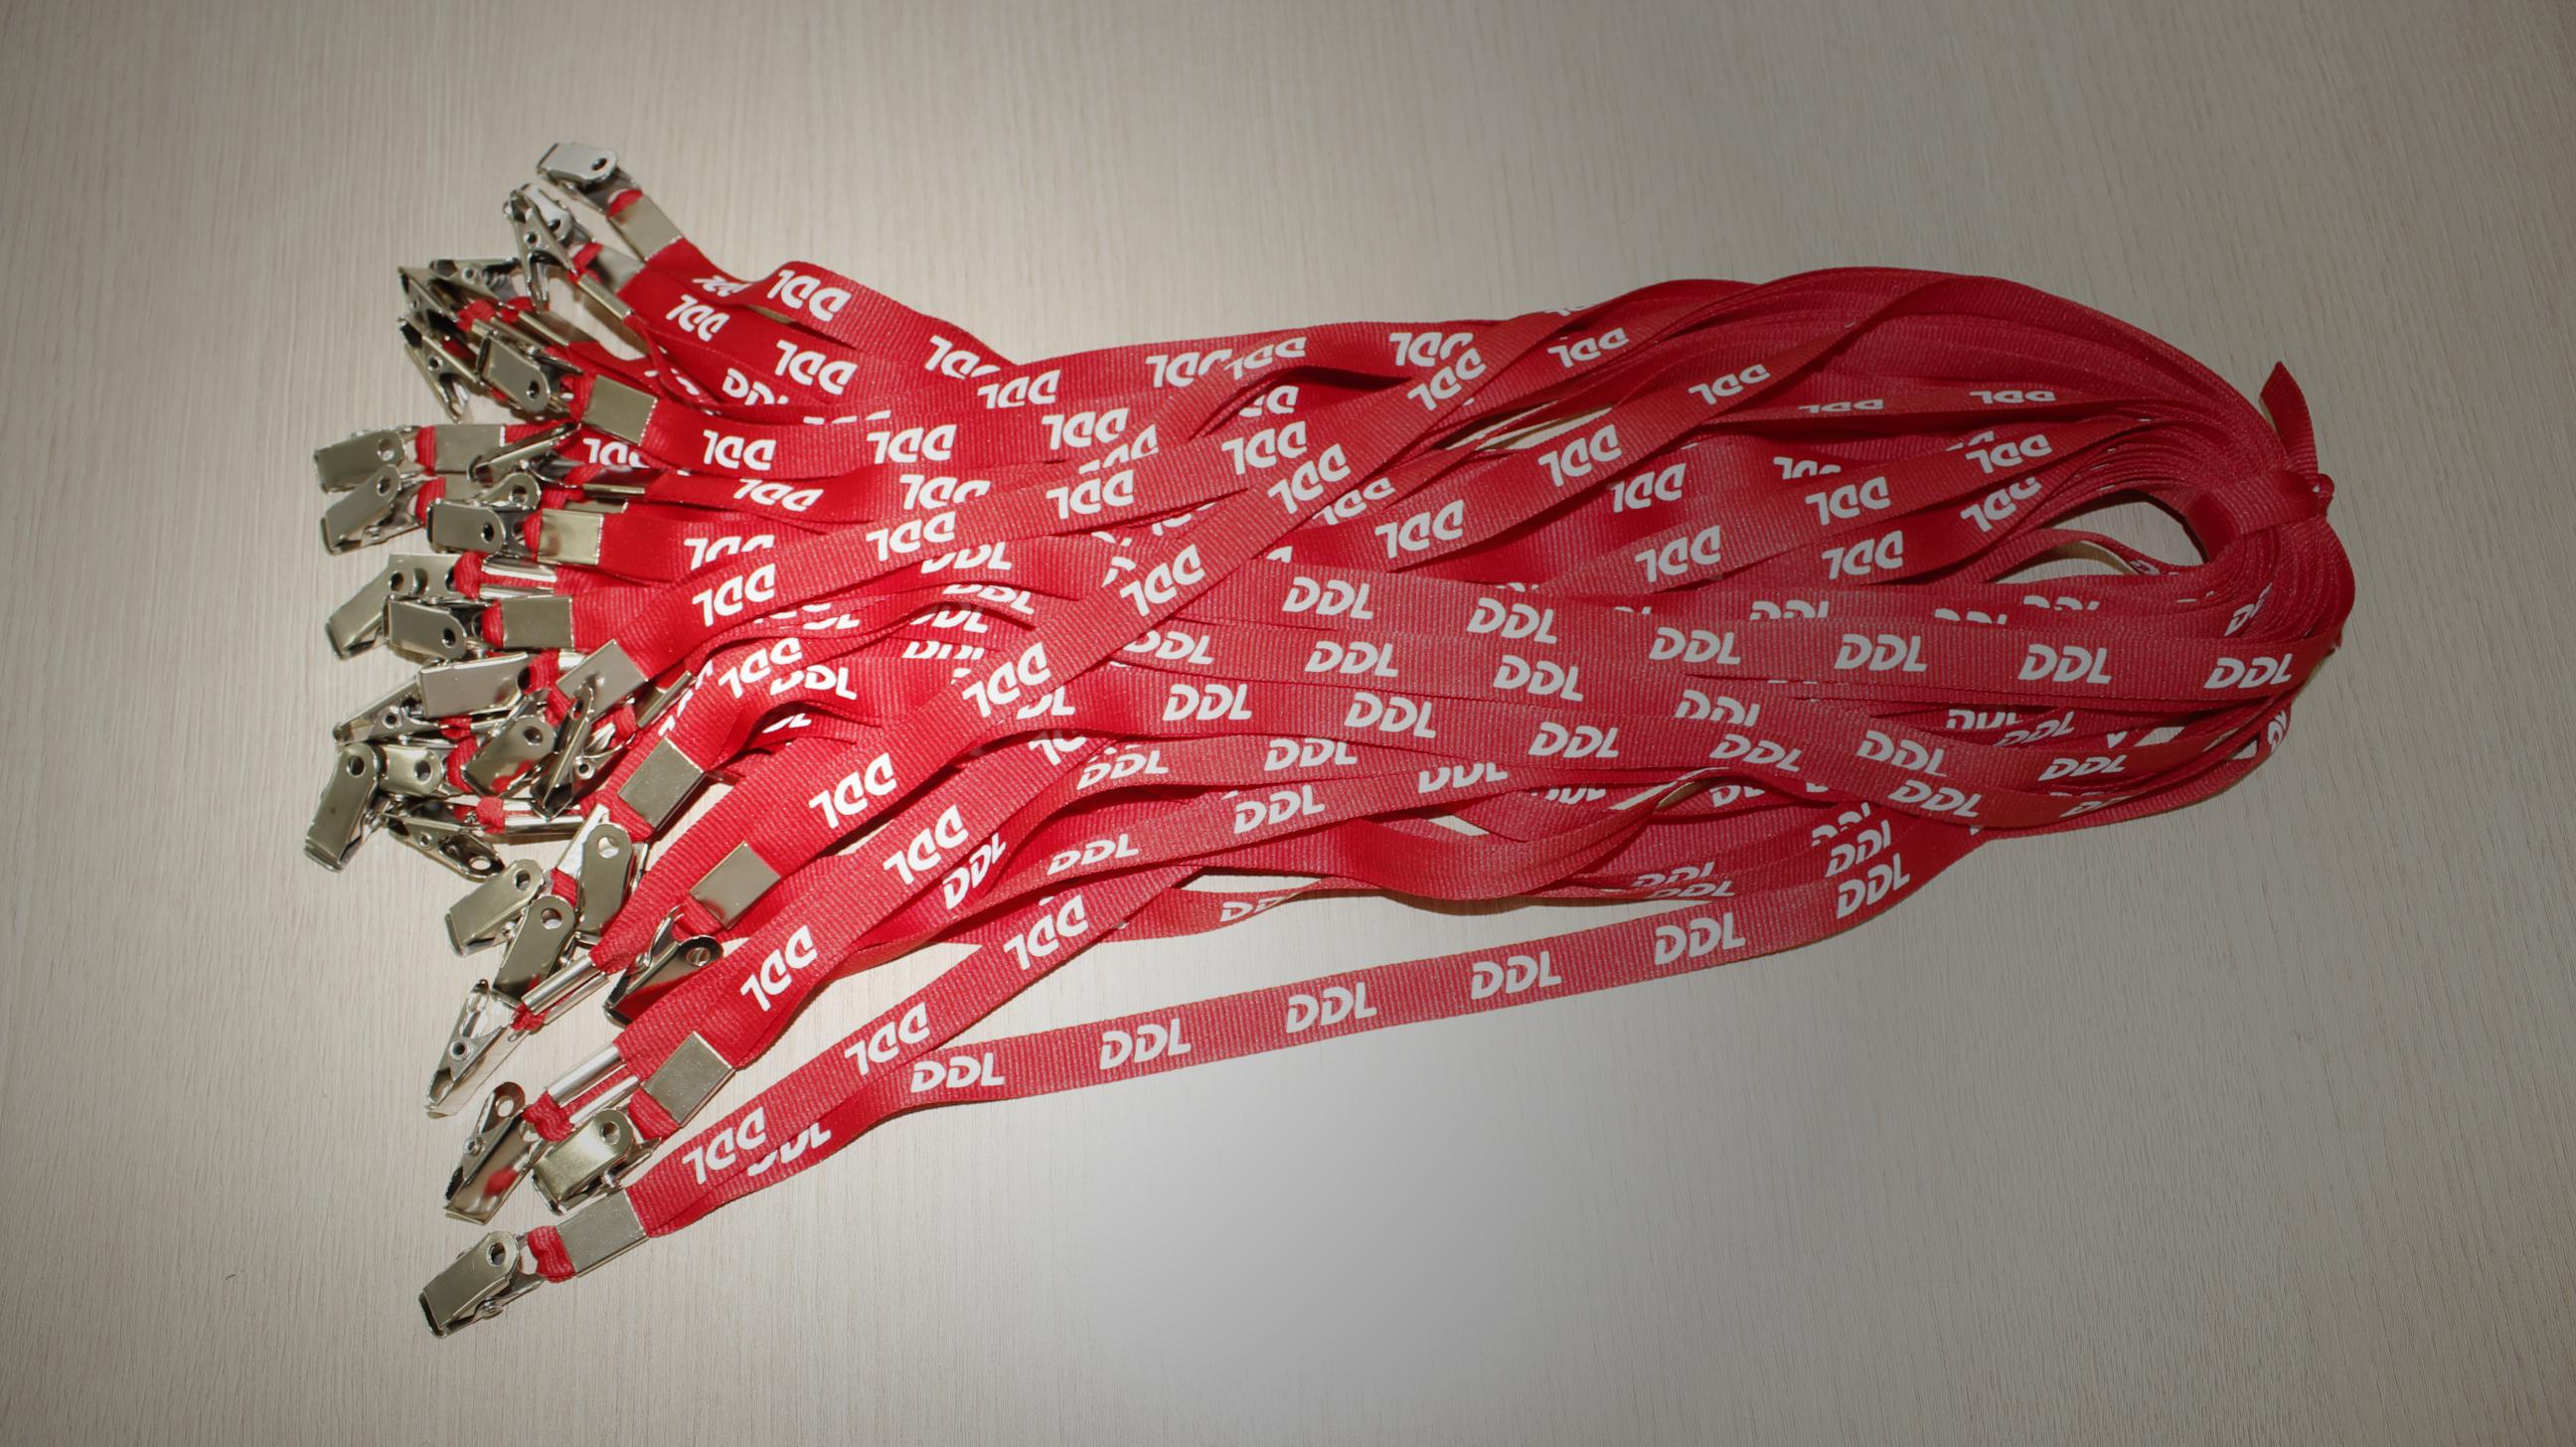 Cordões Personalizados de Crachas DDL